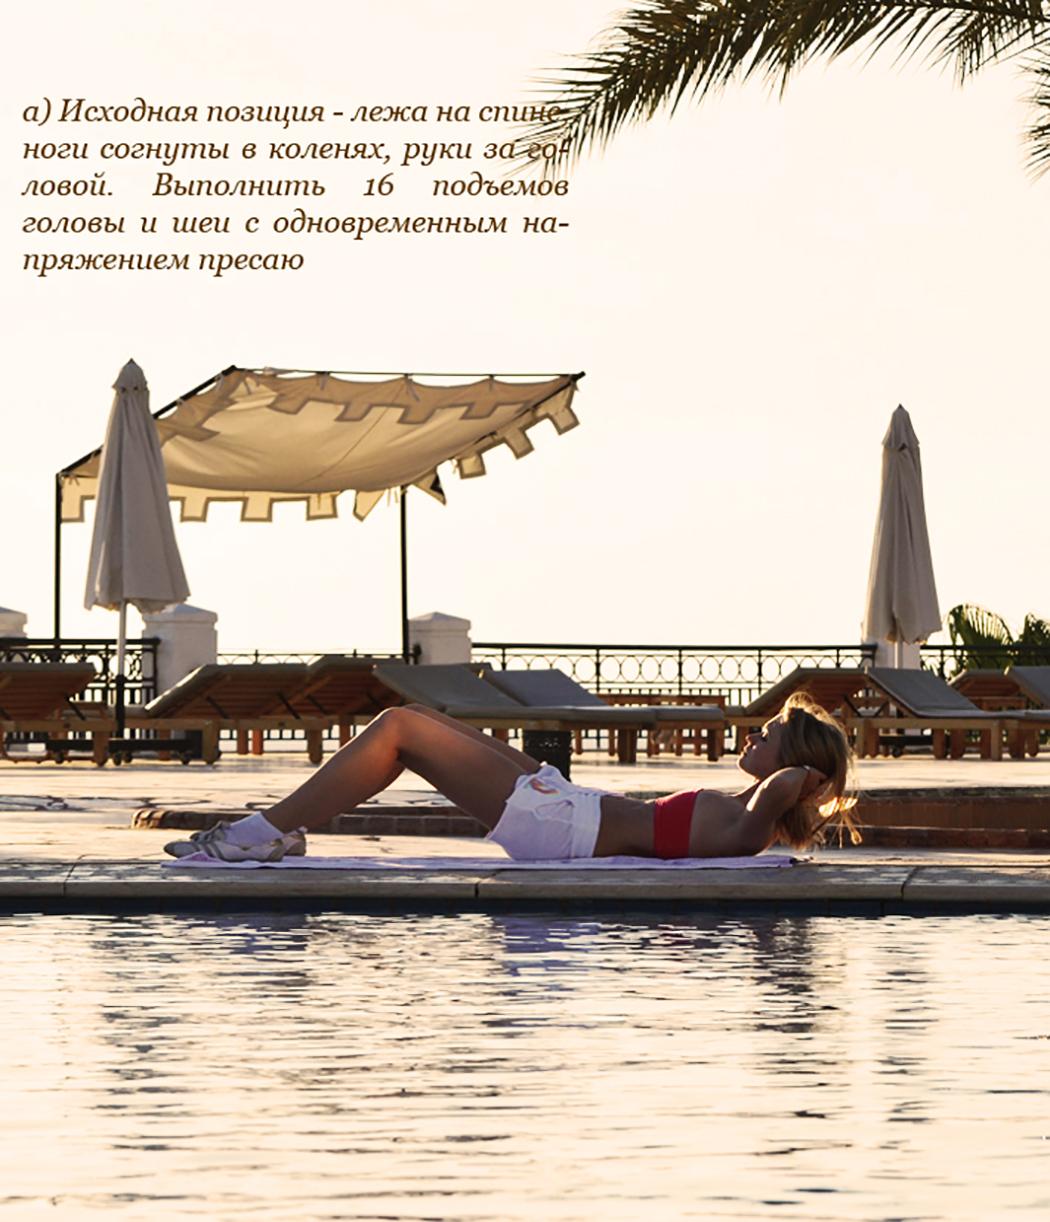 annamidday, анна миддэй, анна миддэй блог, fitness blogger, русский блогер, известный блогер, топовый блогер, russian blogger, top russian blogger, russian fitness blogger, российский блогер, ТОП блогер, популярный блогер, фитнес блогер, как накачать ягодицы, фитнес план, тренировки для женщин, фитнес, фитнес блогер, фитнес блог, фитнес упражнения, аэробика, упражнения для рук, упражнения для бедер, упражнения для груди, упражнения для попы, упражнения для ног, лучший блогер, спортивный блогер, девичник, модный блогер, подтянуть грудь, подтянуть ягодицы, fitness vacation, лучший блогер россии, best russian blogger, упражнения для похудения, упражнения для ягодиц, невидимая гимнастика, упражнения для пресса, комплекс упражнений, exercise, workout, упражнения для женщин, упражнения для пляжа, лучшие упражнения, аннамиддэй, fitness girl, famous russian bloggers, fitness model, best blogger, красивые девушки, русские девушки